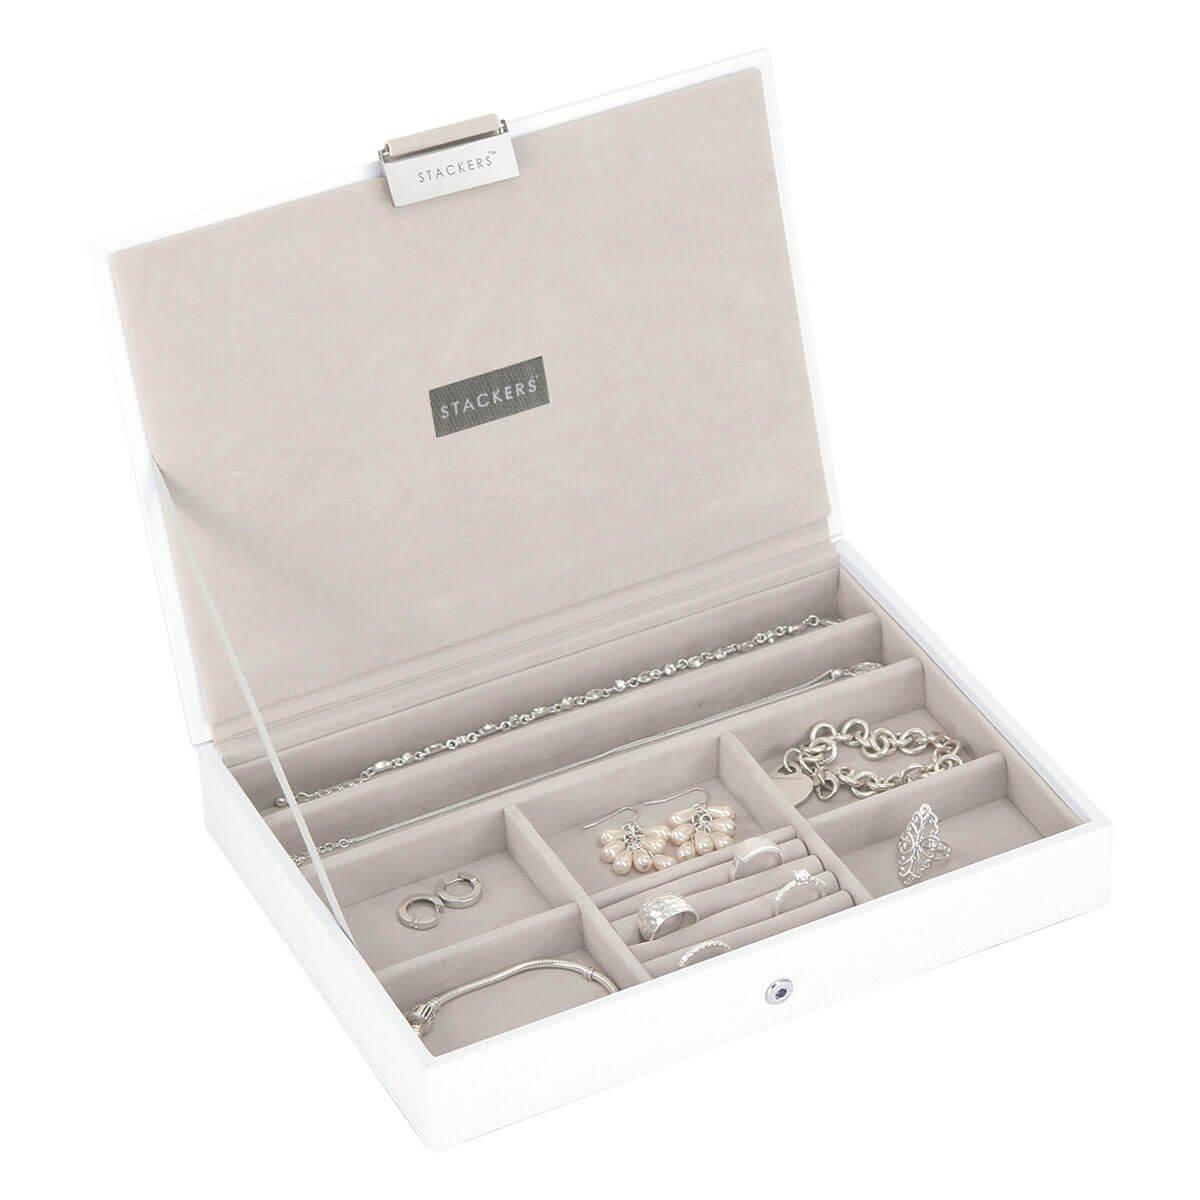 Stackers - Portagioie con scomparti, misura classica, con coperchio e rivestimento interno in velluto, colore: Bianco Carters of London 70957